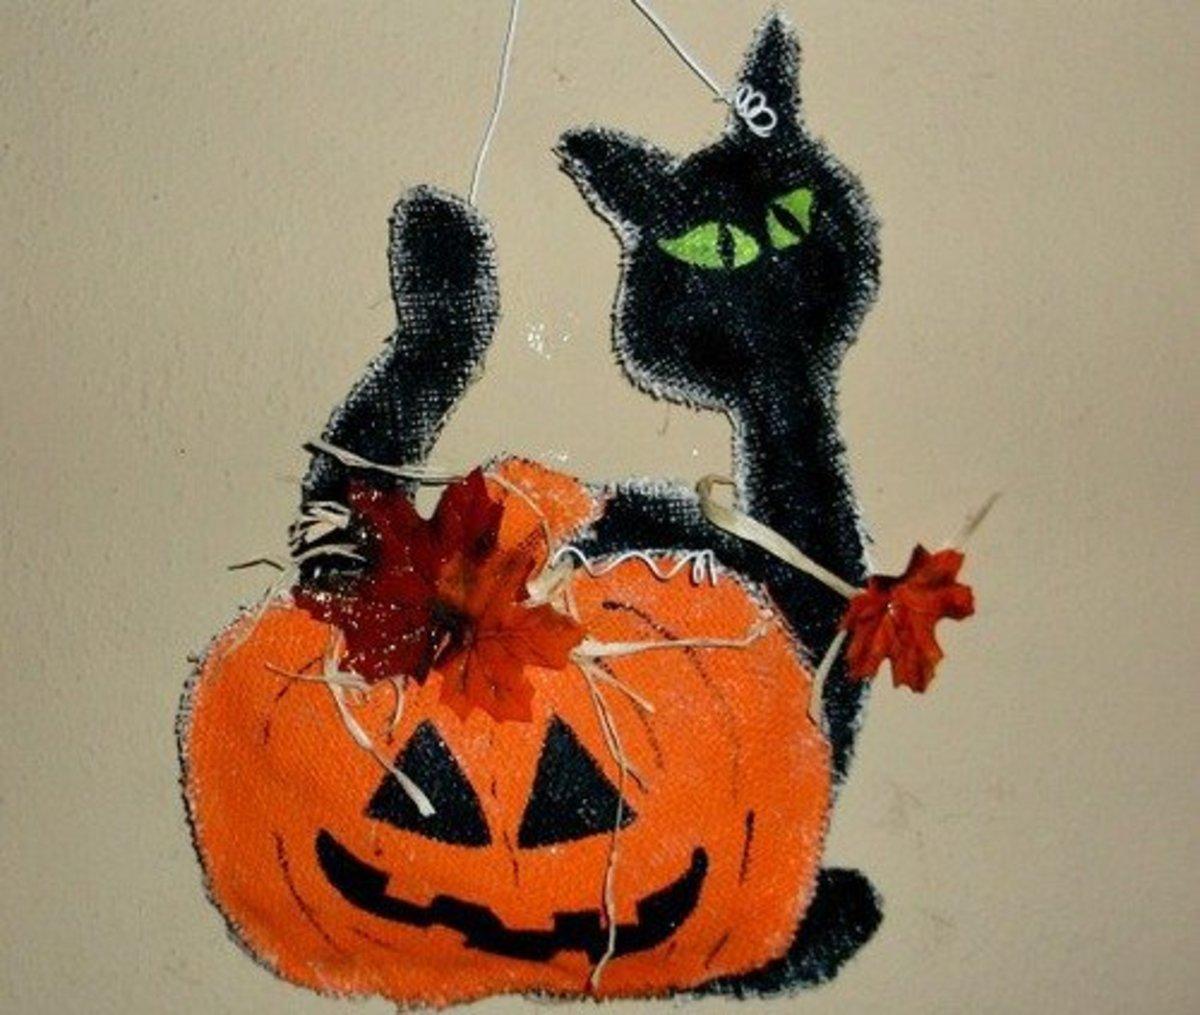 How to Make a Black Cat Door Hanger